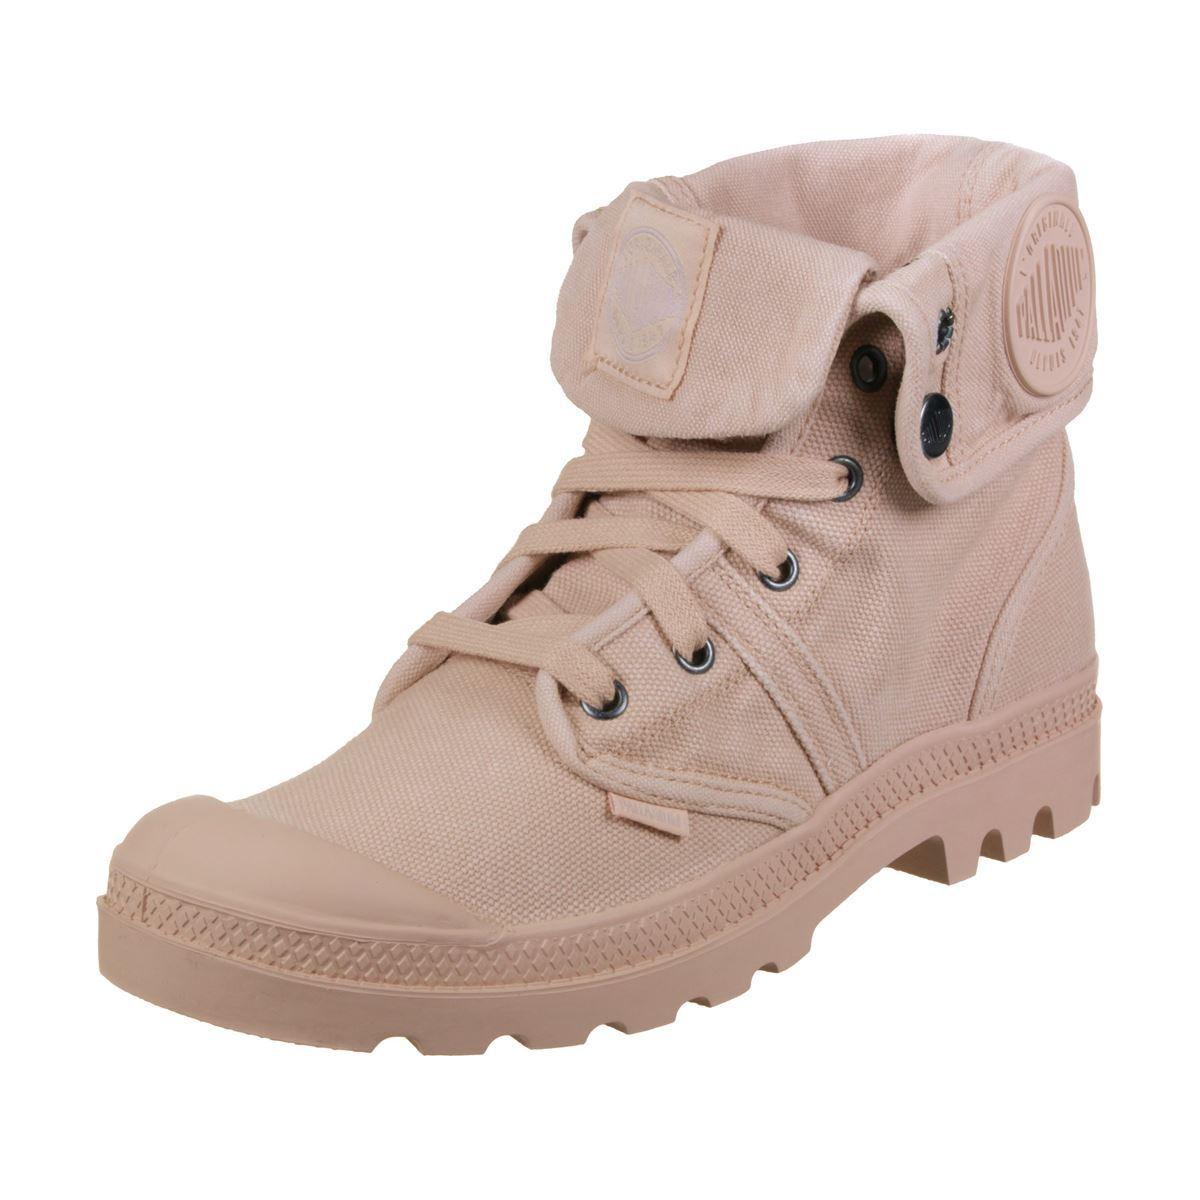 Zapatos especiales con descuento Palladium Pallabrouse Baggy Rose Womens Shoes